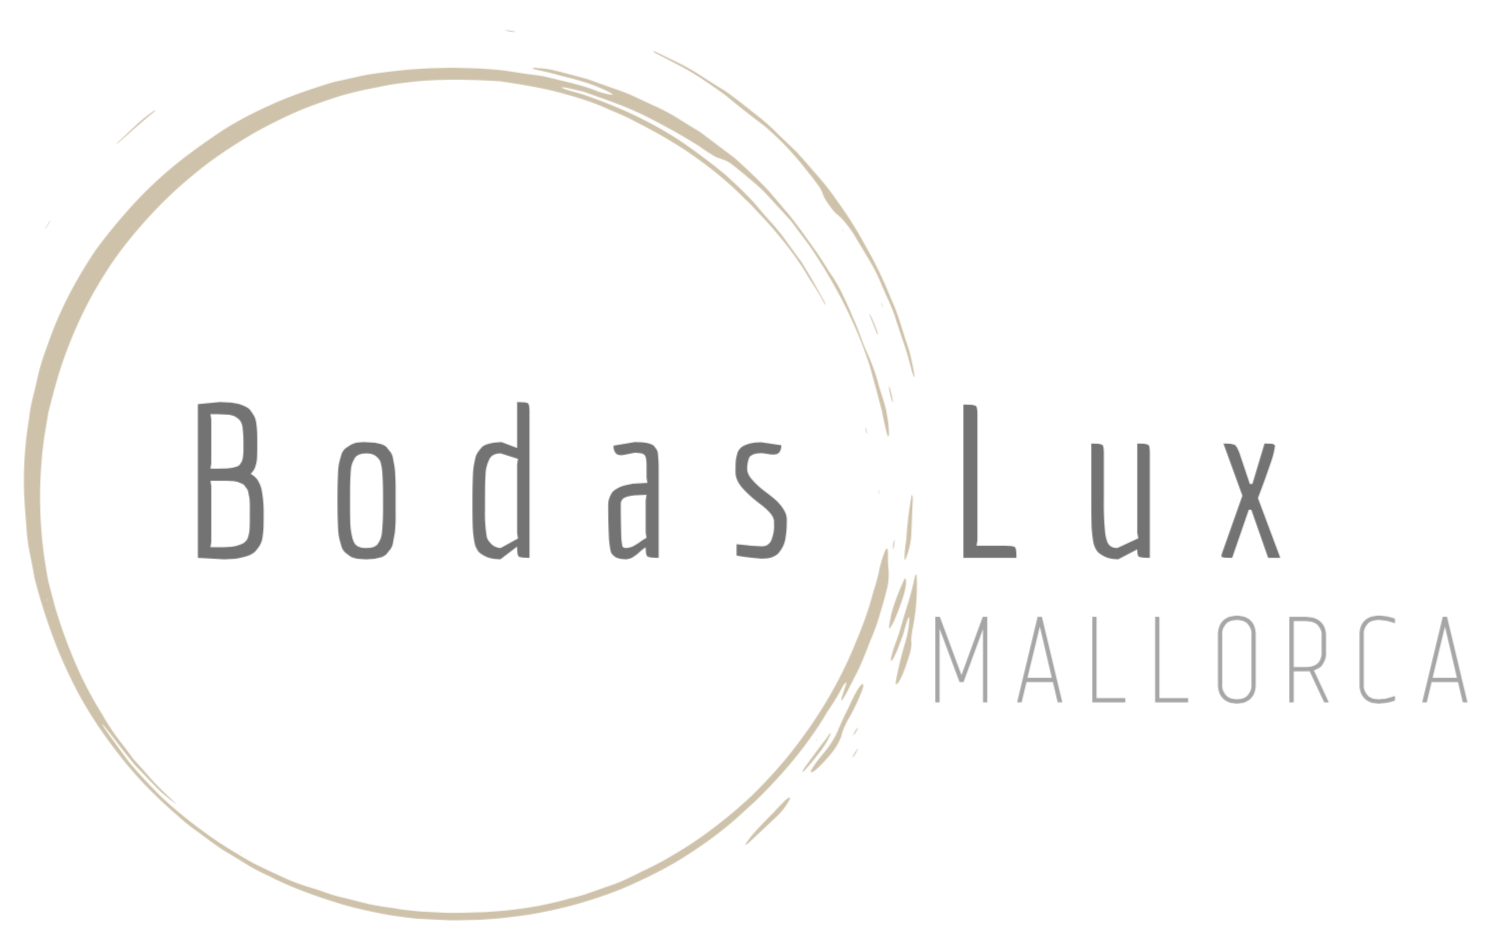 BodasLux